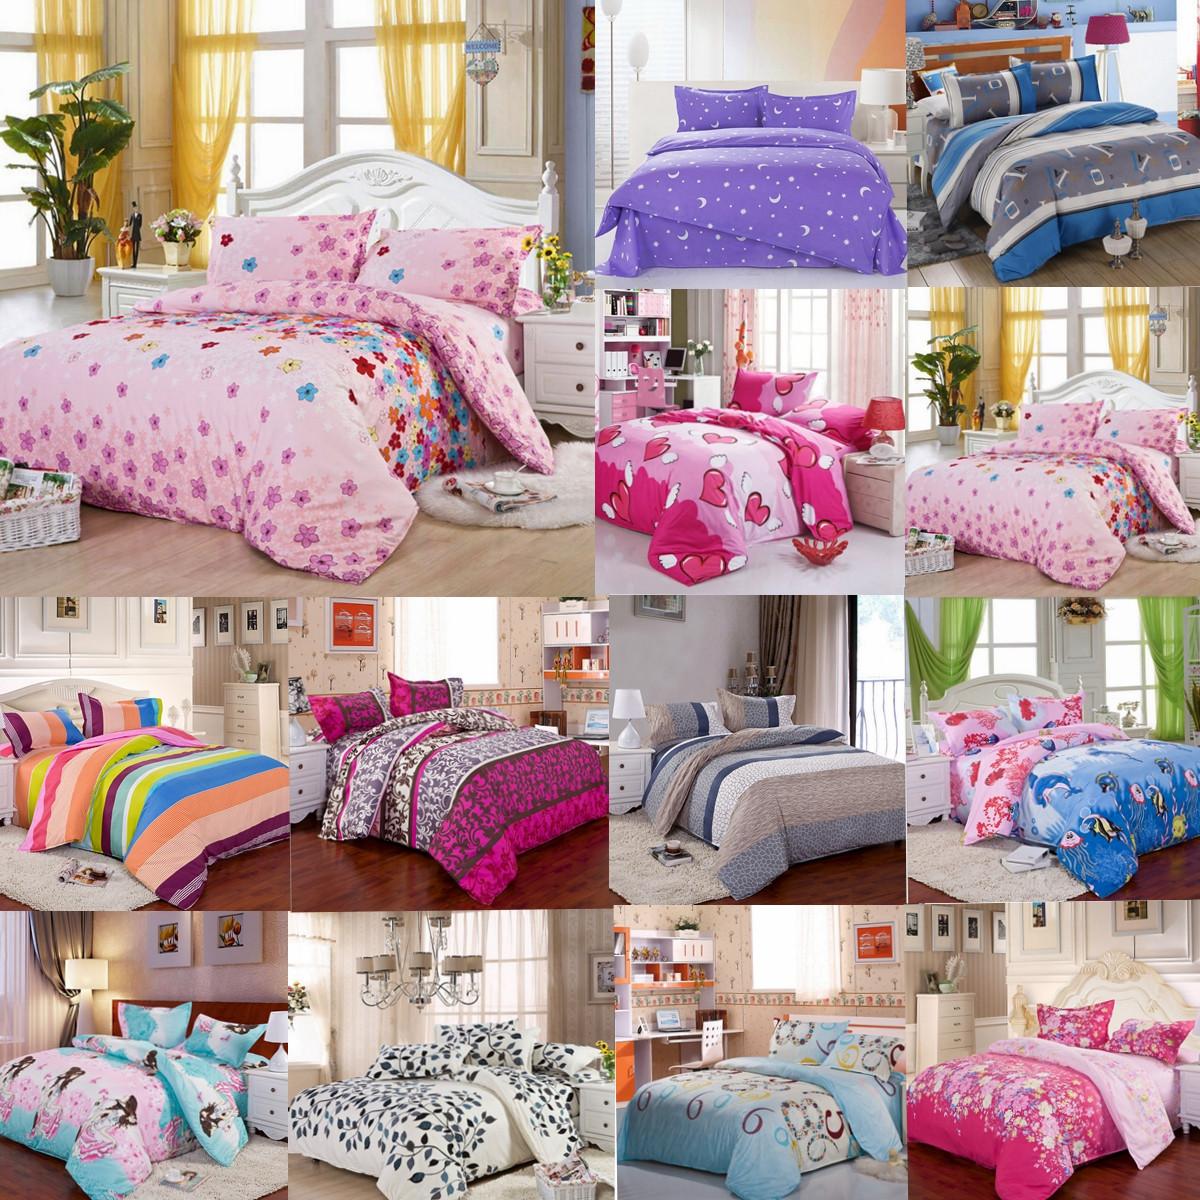 3Pcs Duvet Set Quilt Cover with Pillow Case Bedding set Single Double King Size